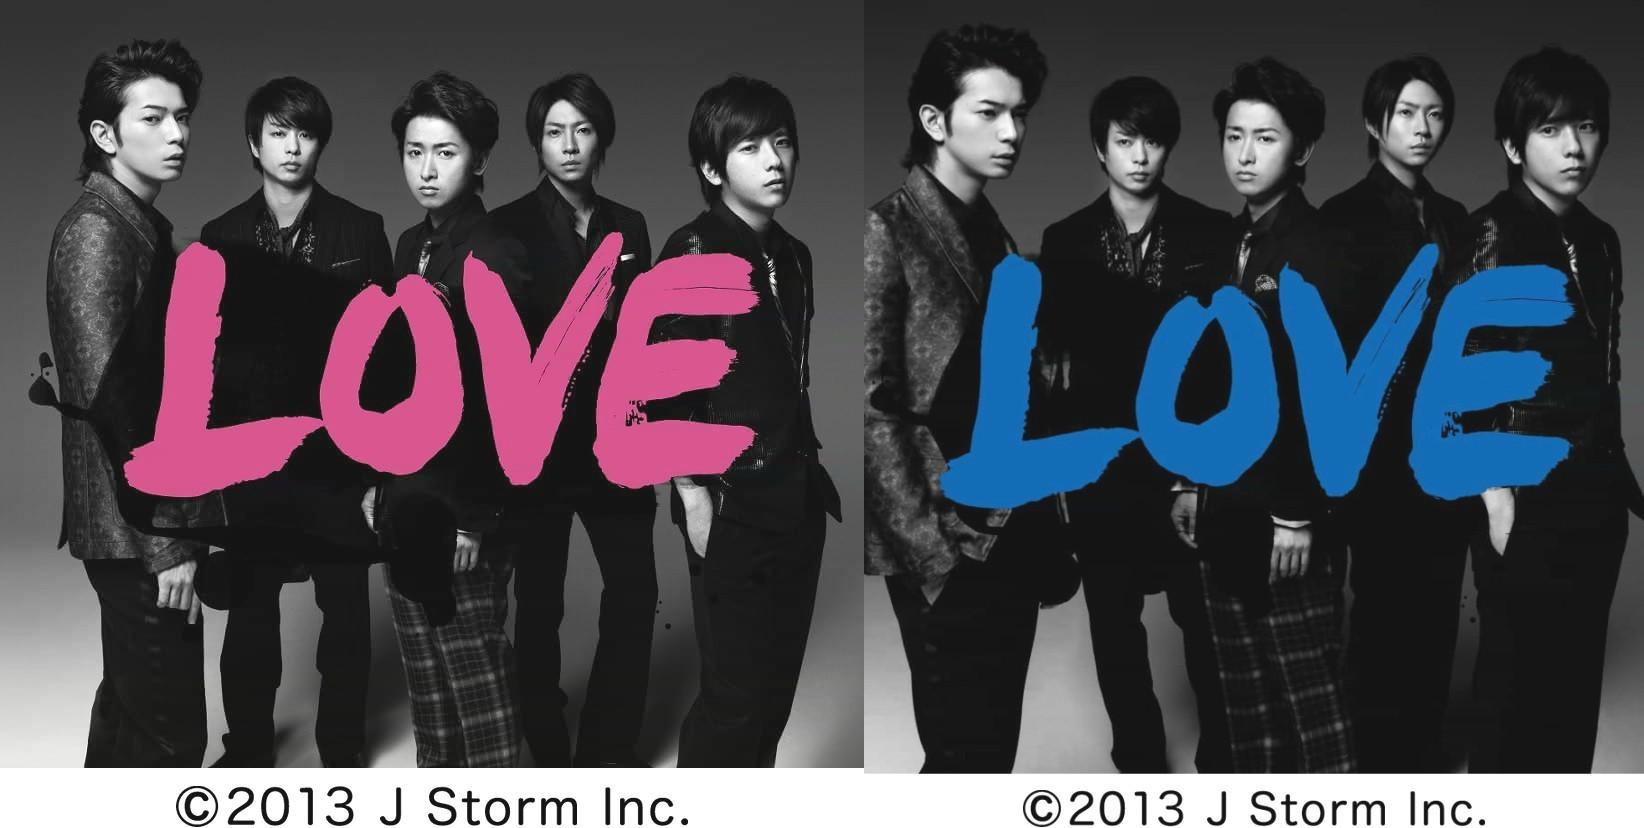 嵐ニューアルバム『LOVE』予約最安サイトはココだ!嵐の『LOVE』恋愛名言集もあるよ~!